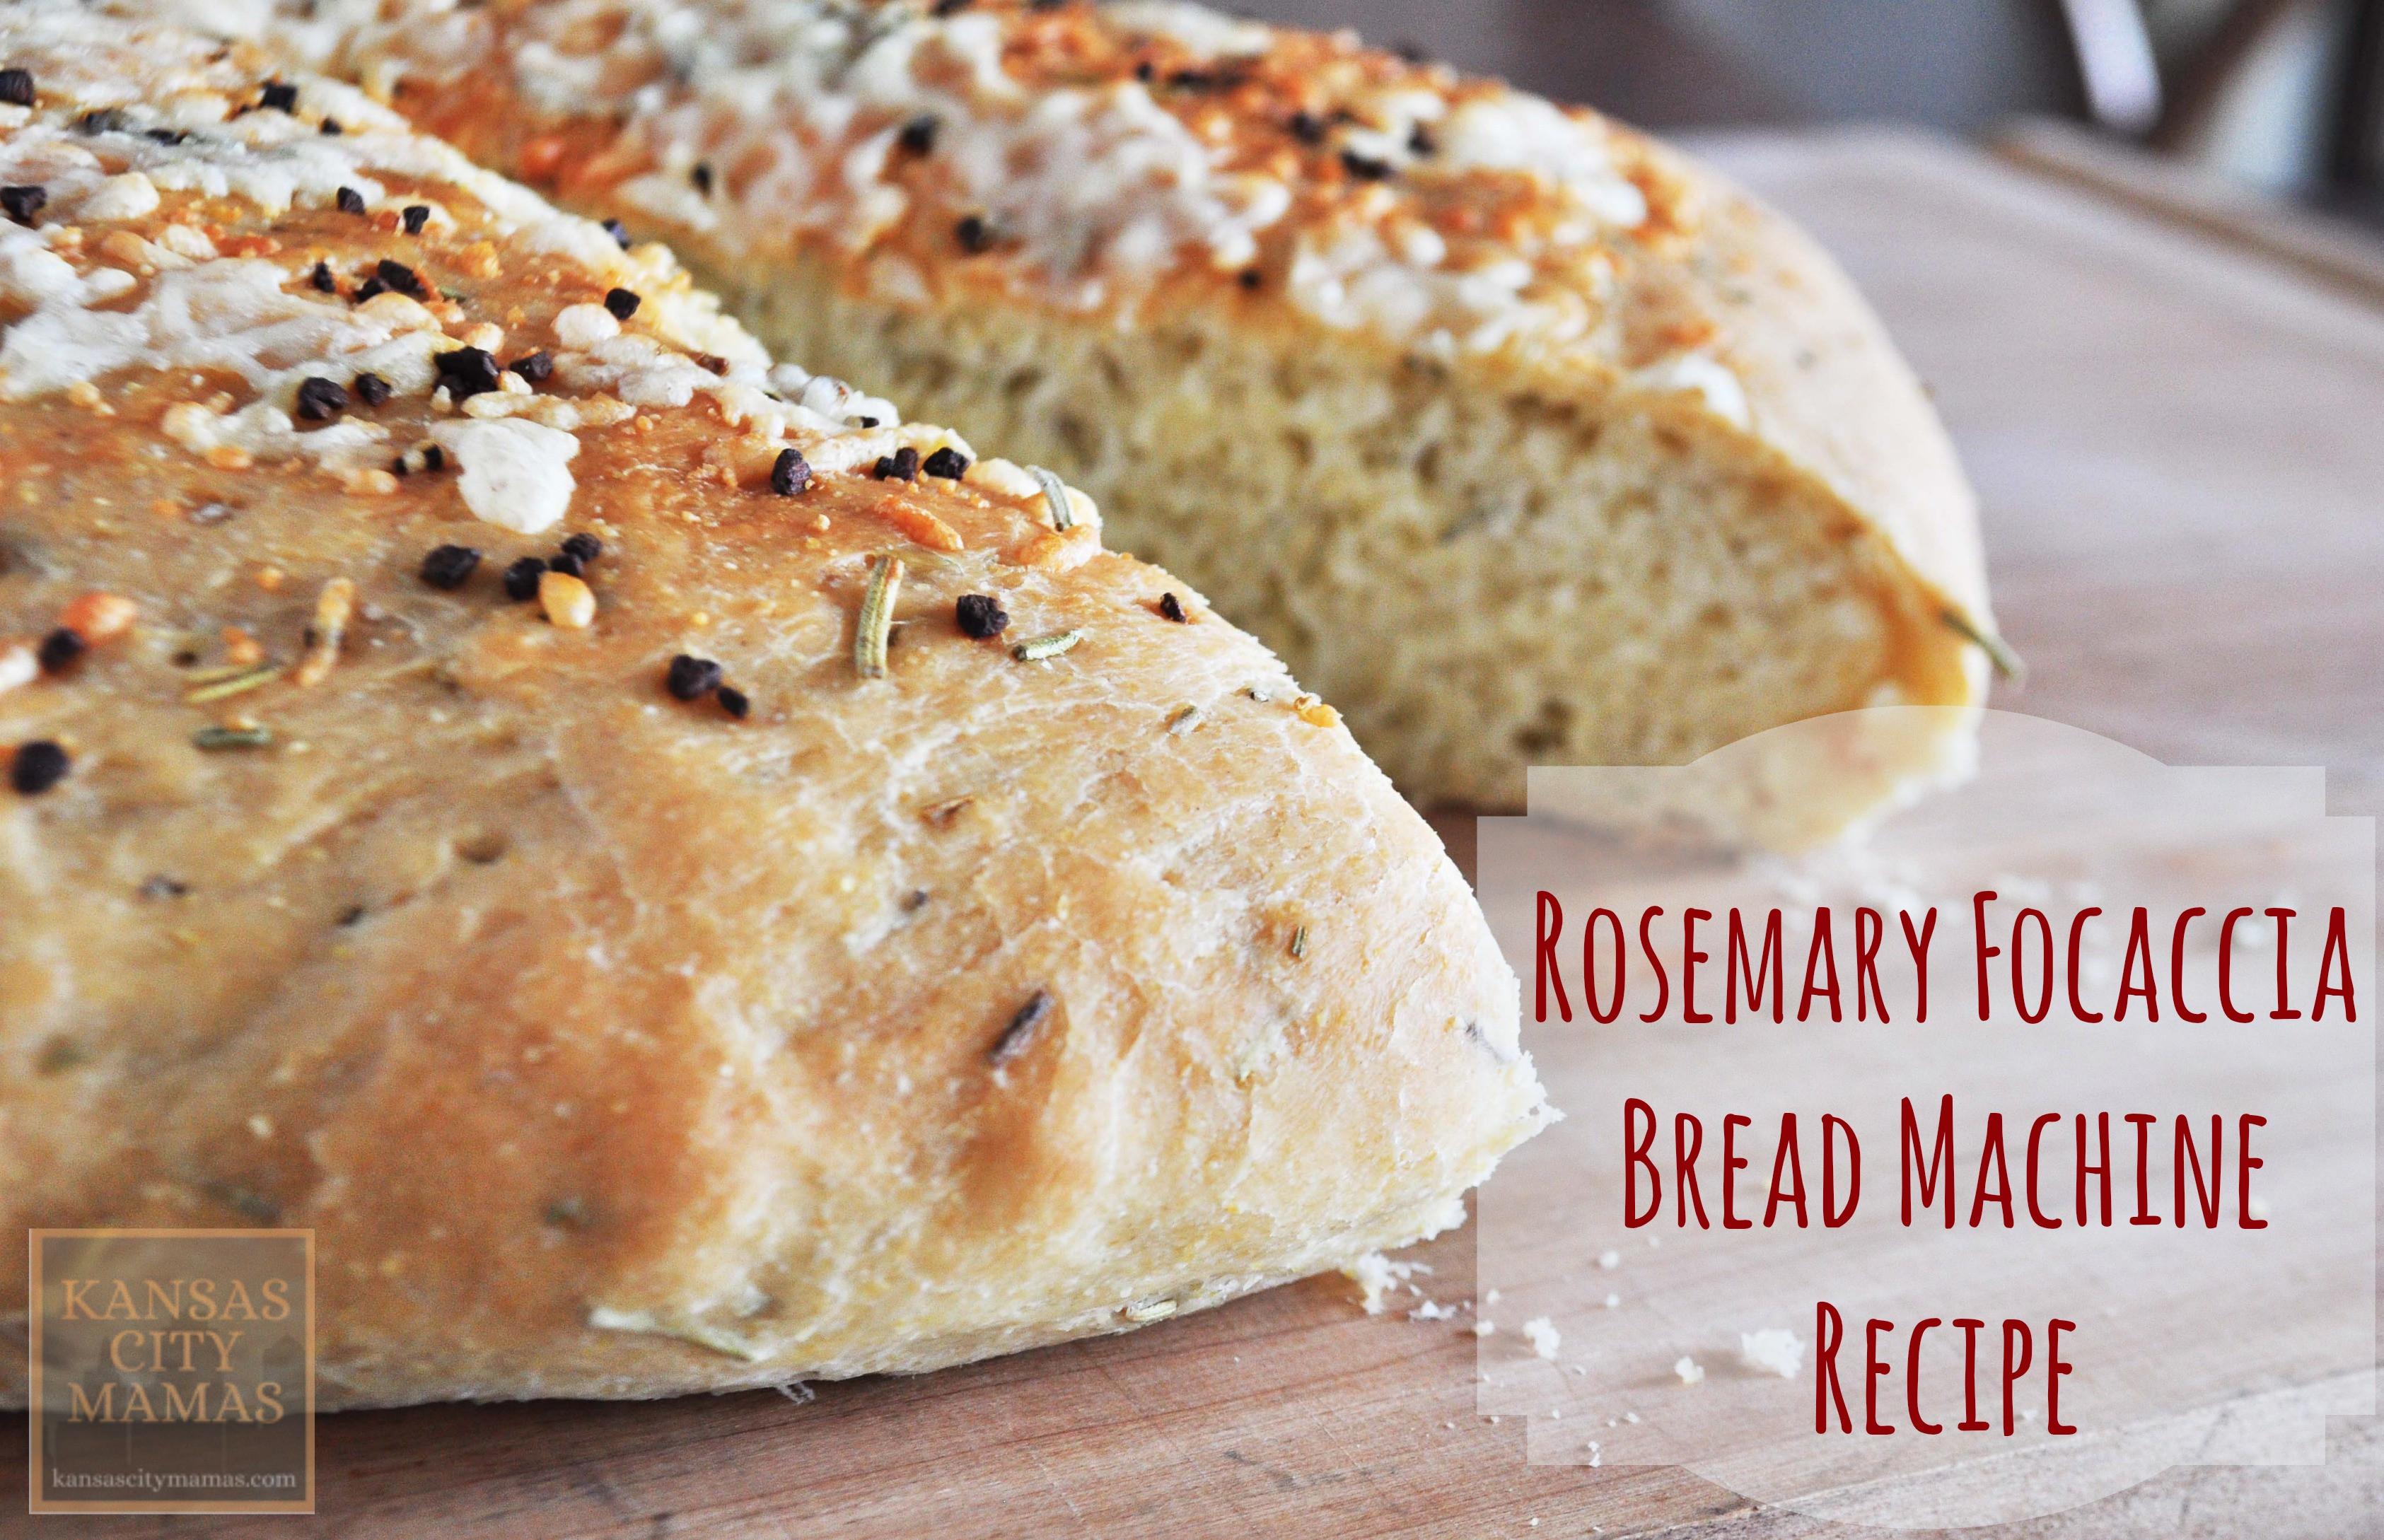 Easy Bread Machine Recipe  Rosemary Focaccia Bread Machine Recipe